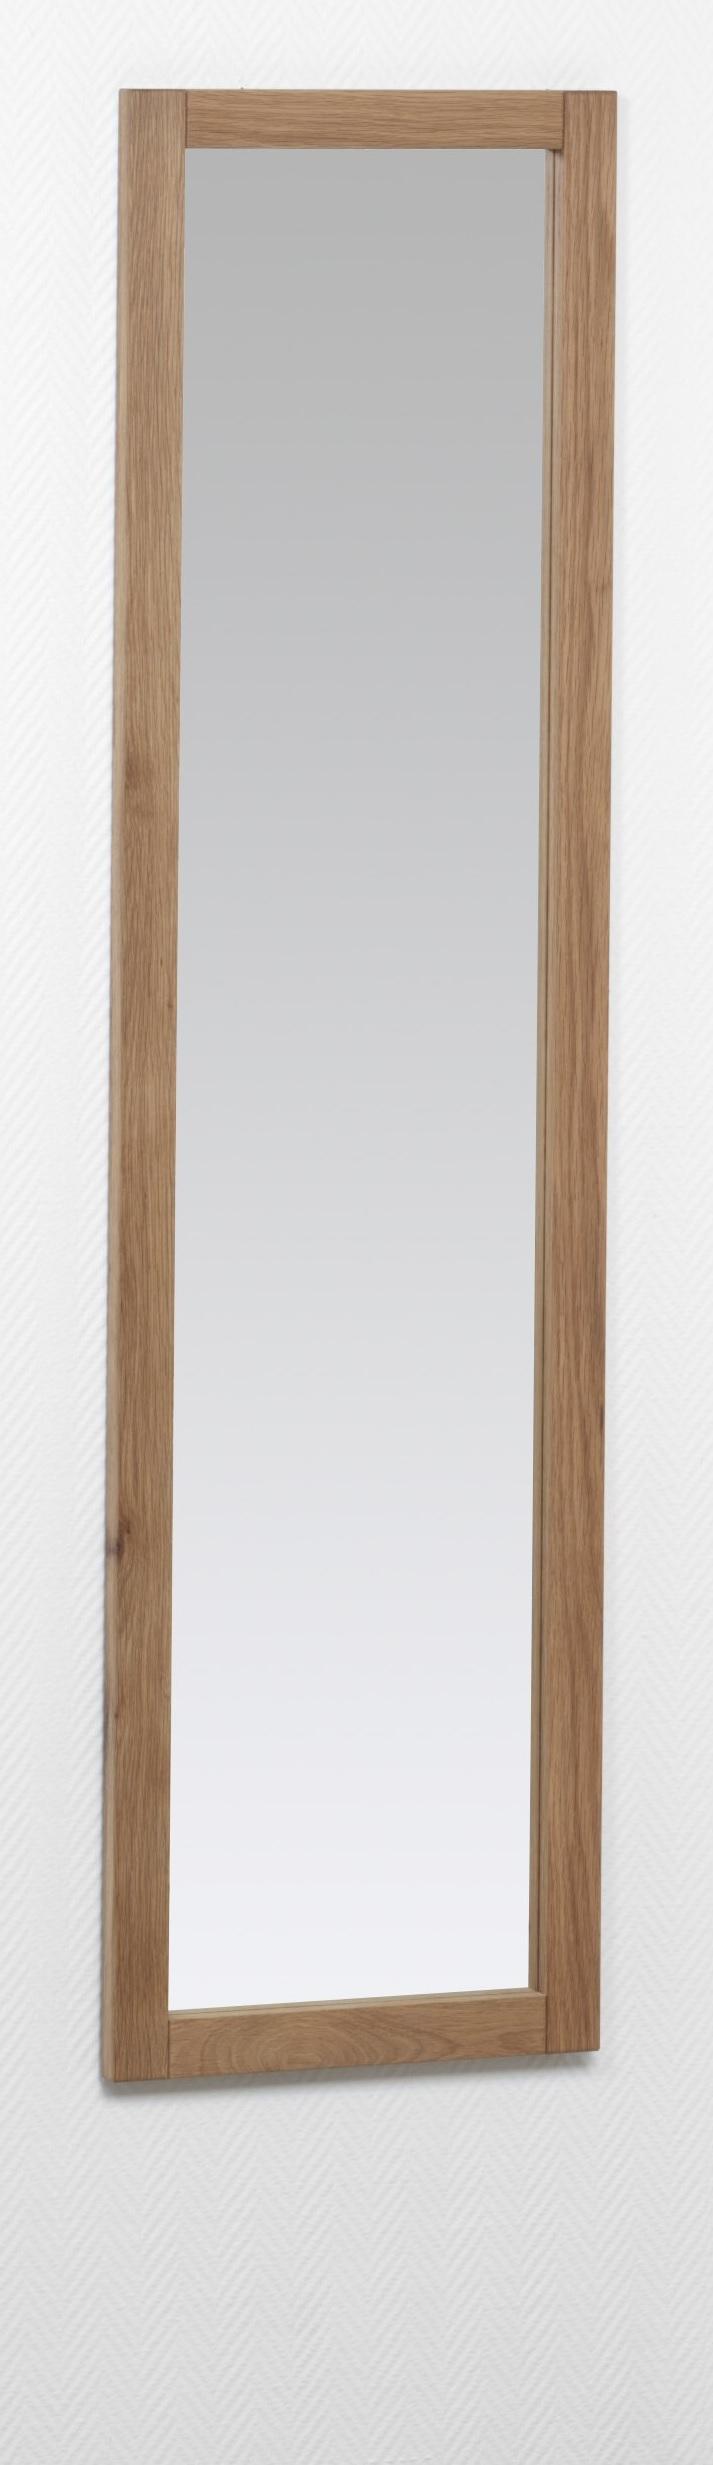 Willy spegel - Björk